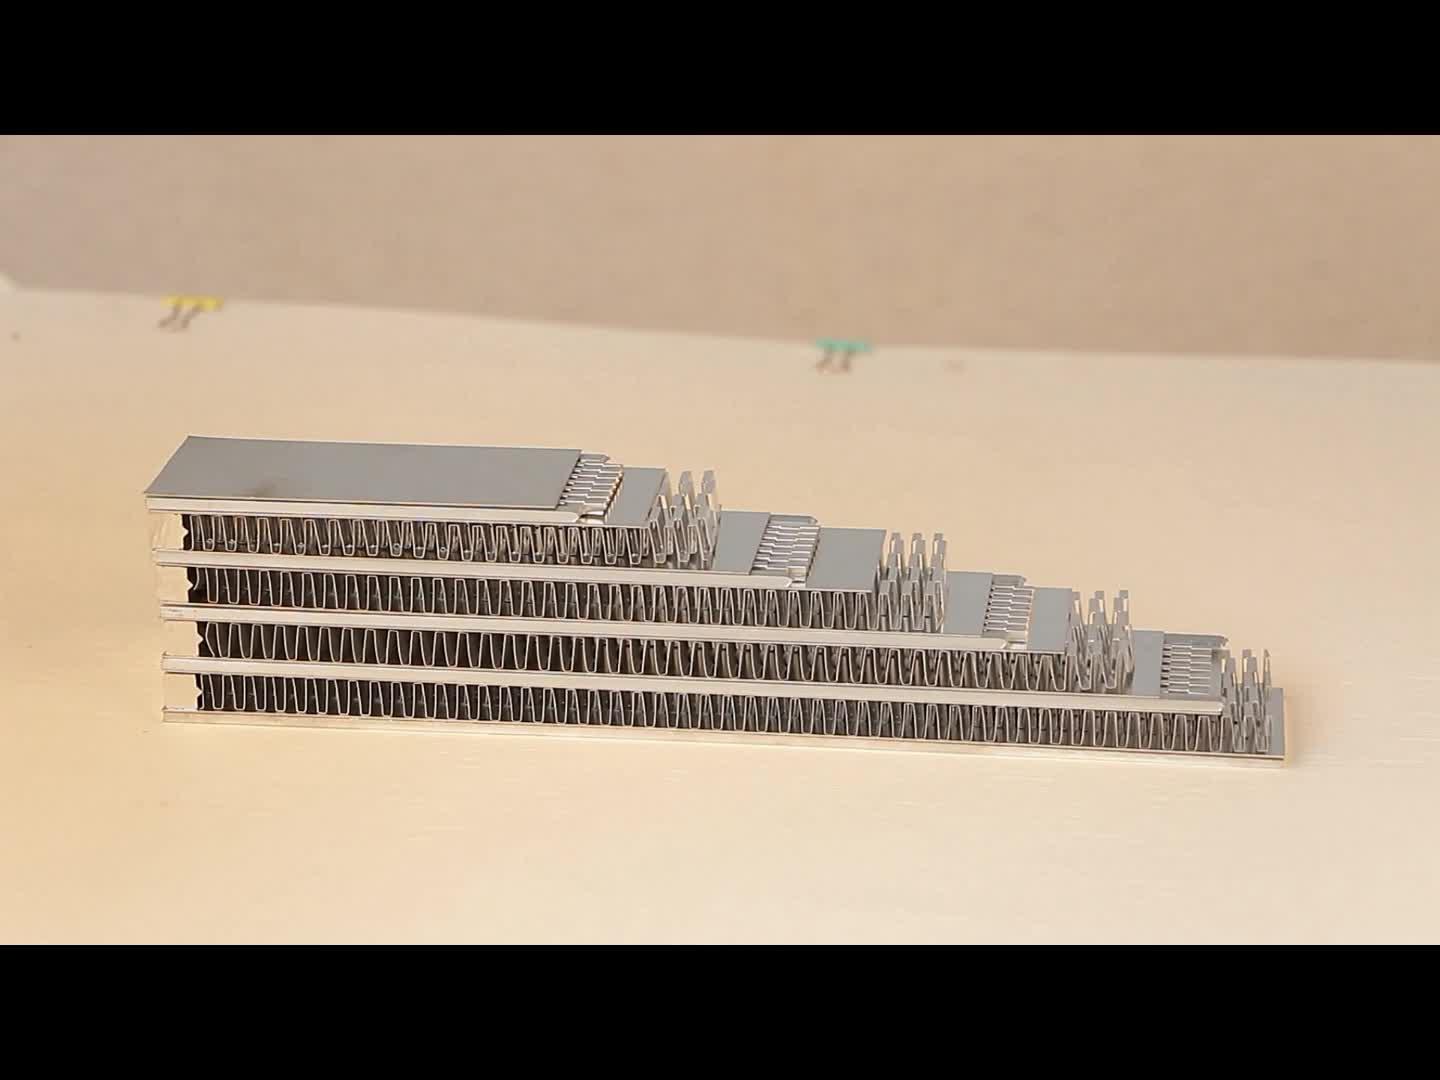 Dongxuไฮดรอลิอุตสาหกรรมเหล็กคาร์บอนสีเทาเชลล์และท่อแลกเปลี่ยนความร้อน